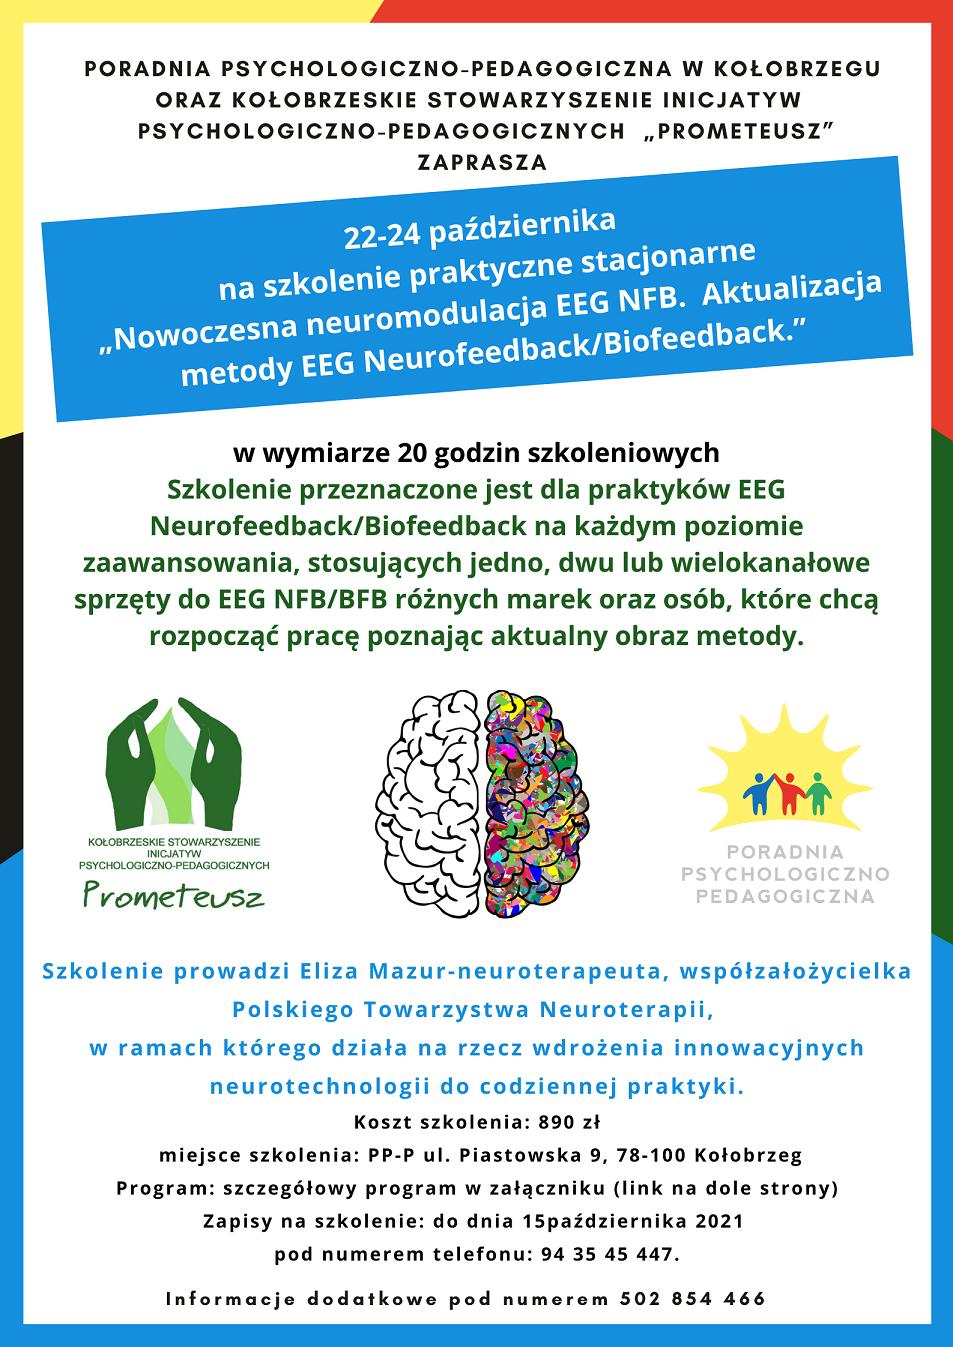 """PP-P w Kołobrzegu oraz Kołobrzeskie Stowarzyszenie Inicjatyw Psychologiczno-Pedagogicznych """"Prometeusz""""(8)"""